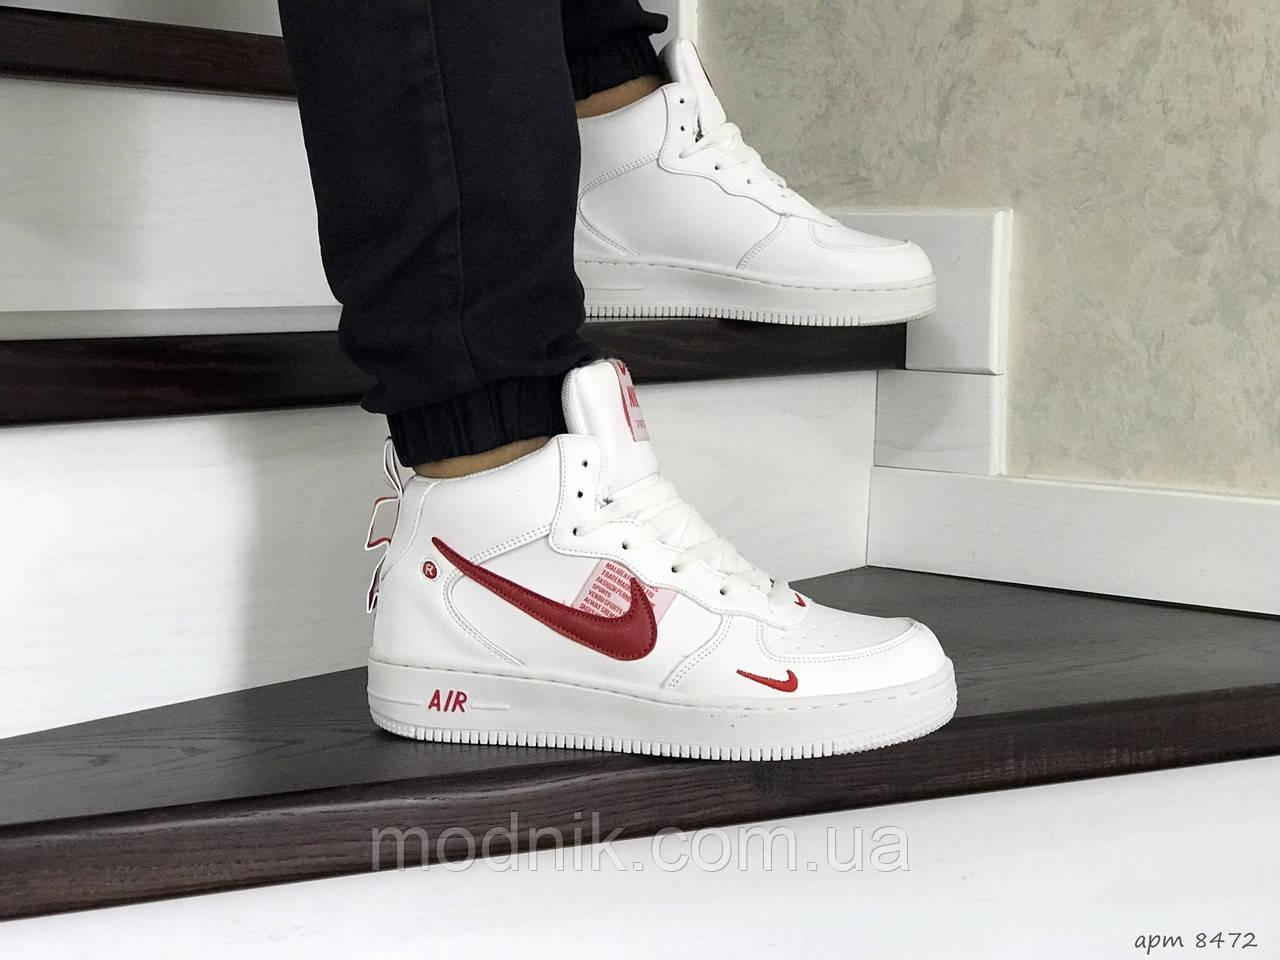 Мужские кроссовки Nike Air Force (бело-красные) ЗИМА